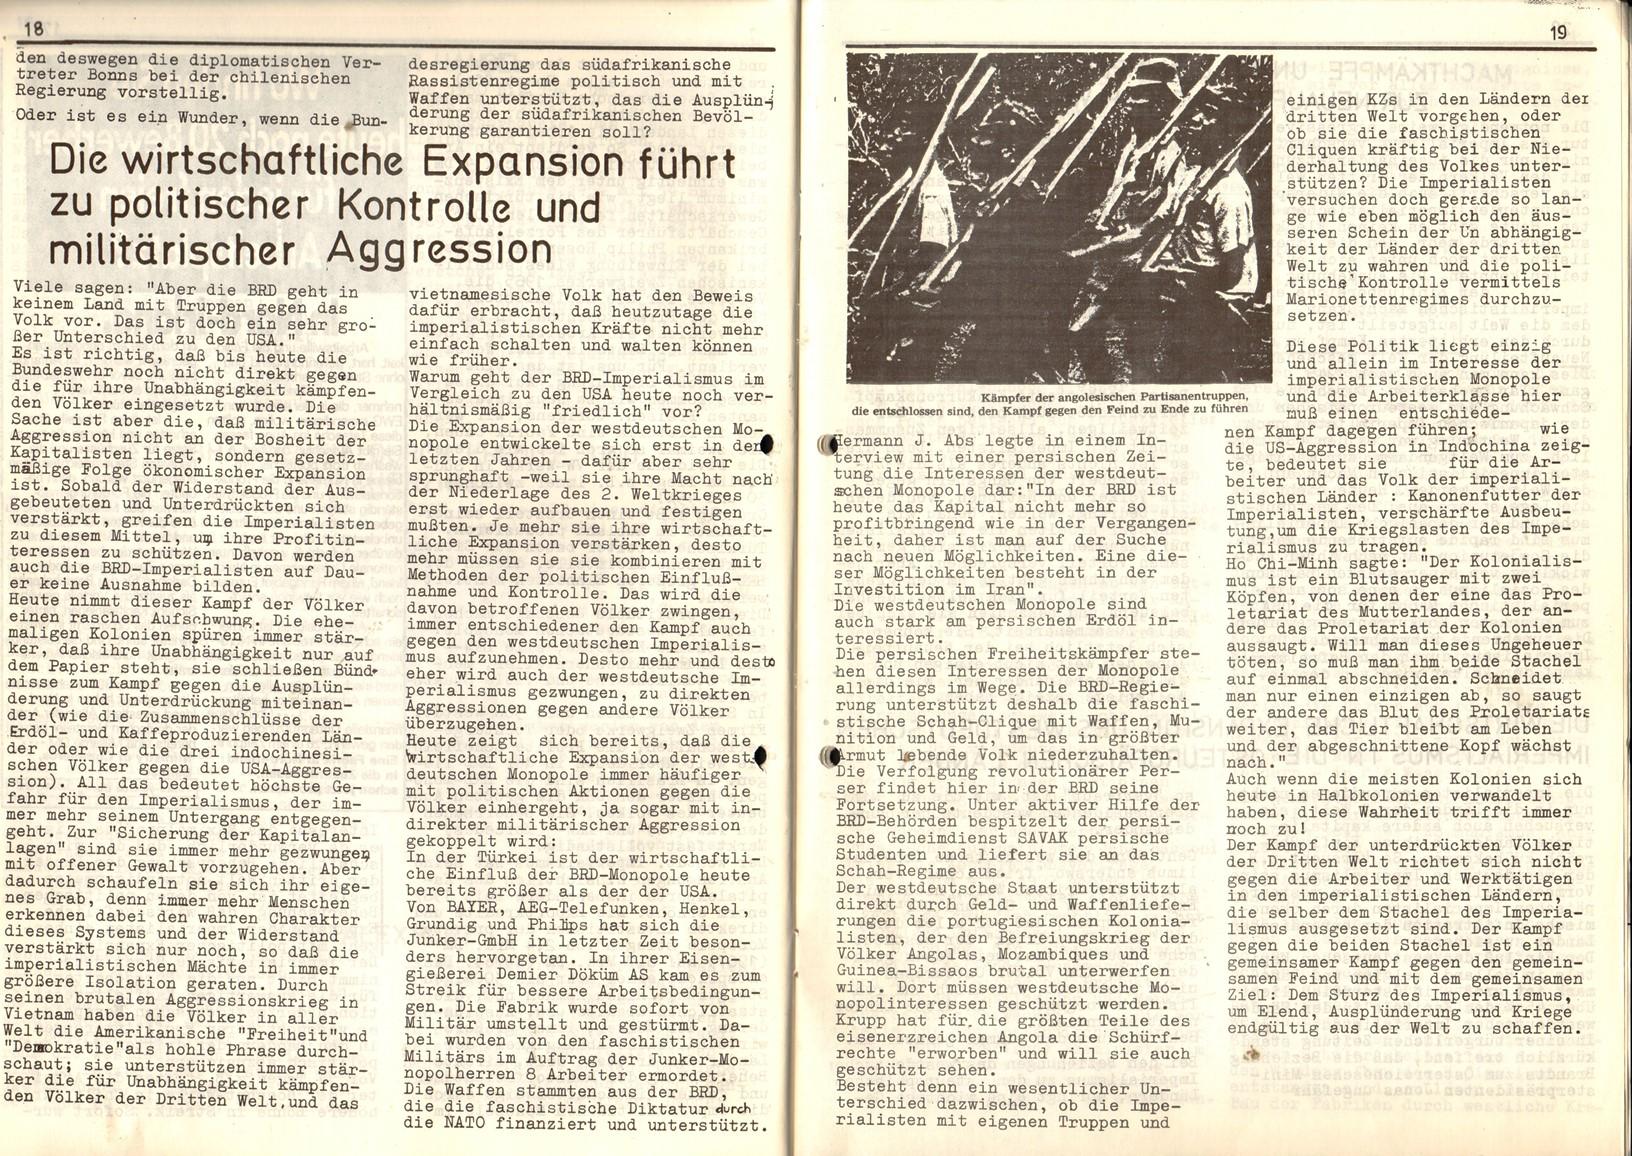 ML_Aachen_Bochum_Duisburg_1973_Breschnew_in_Bonn_10